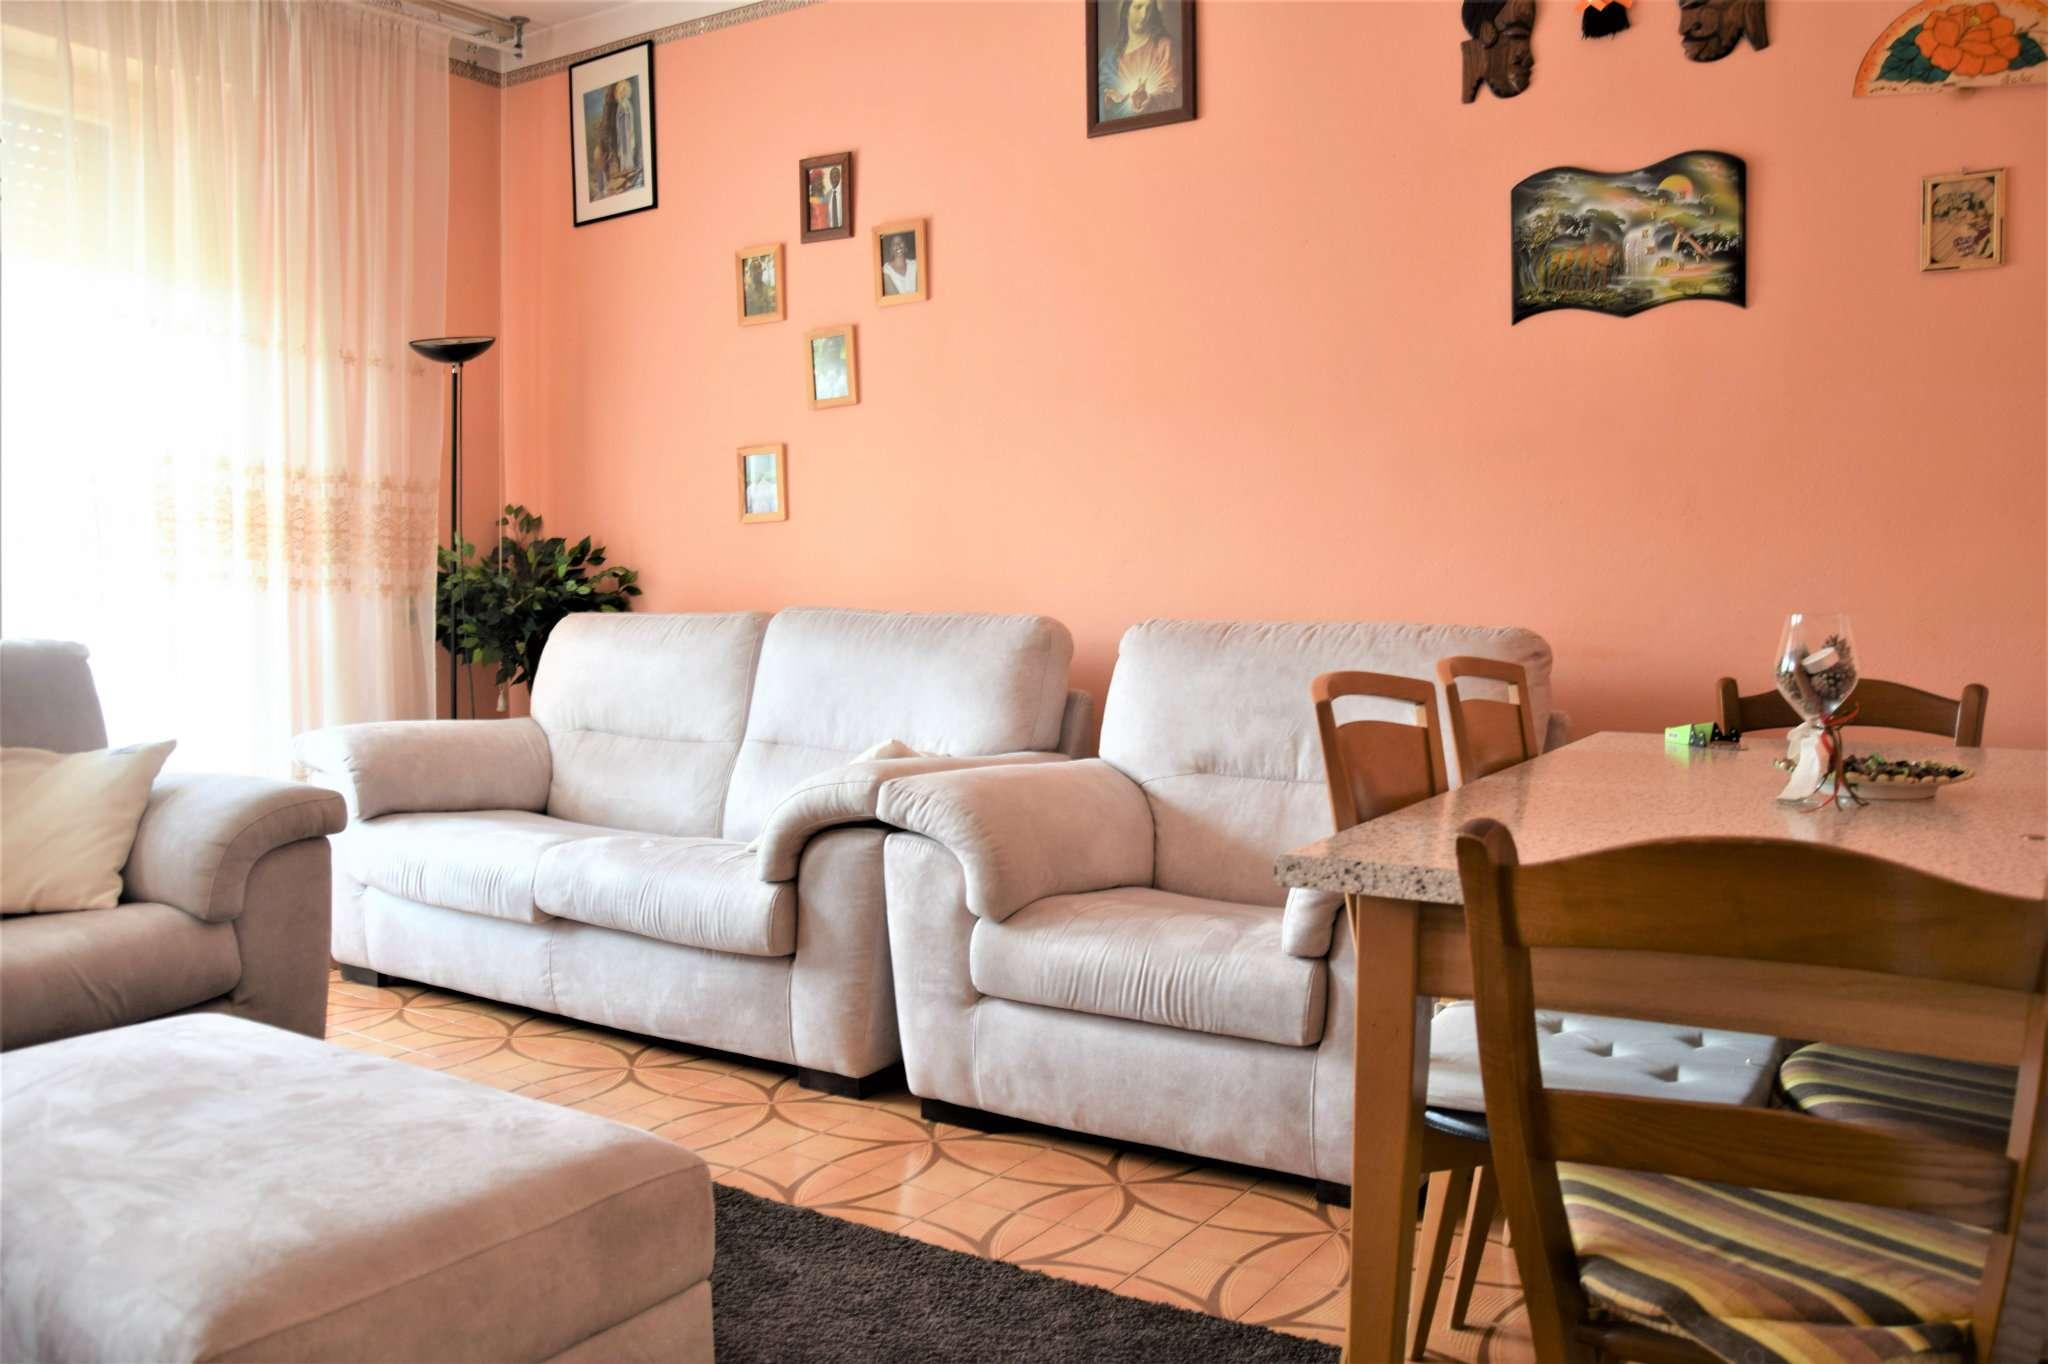 Appartamento in vendita a Cassano d'Adda, 4 locali, prezzo € 145.000 | CambioCasa.it